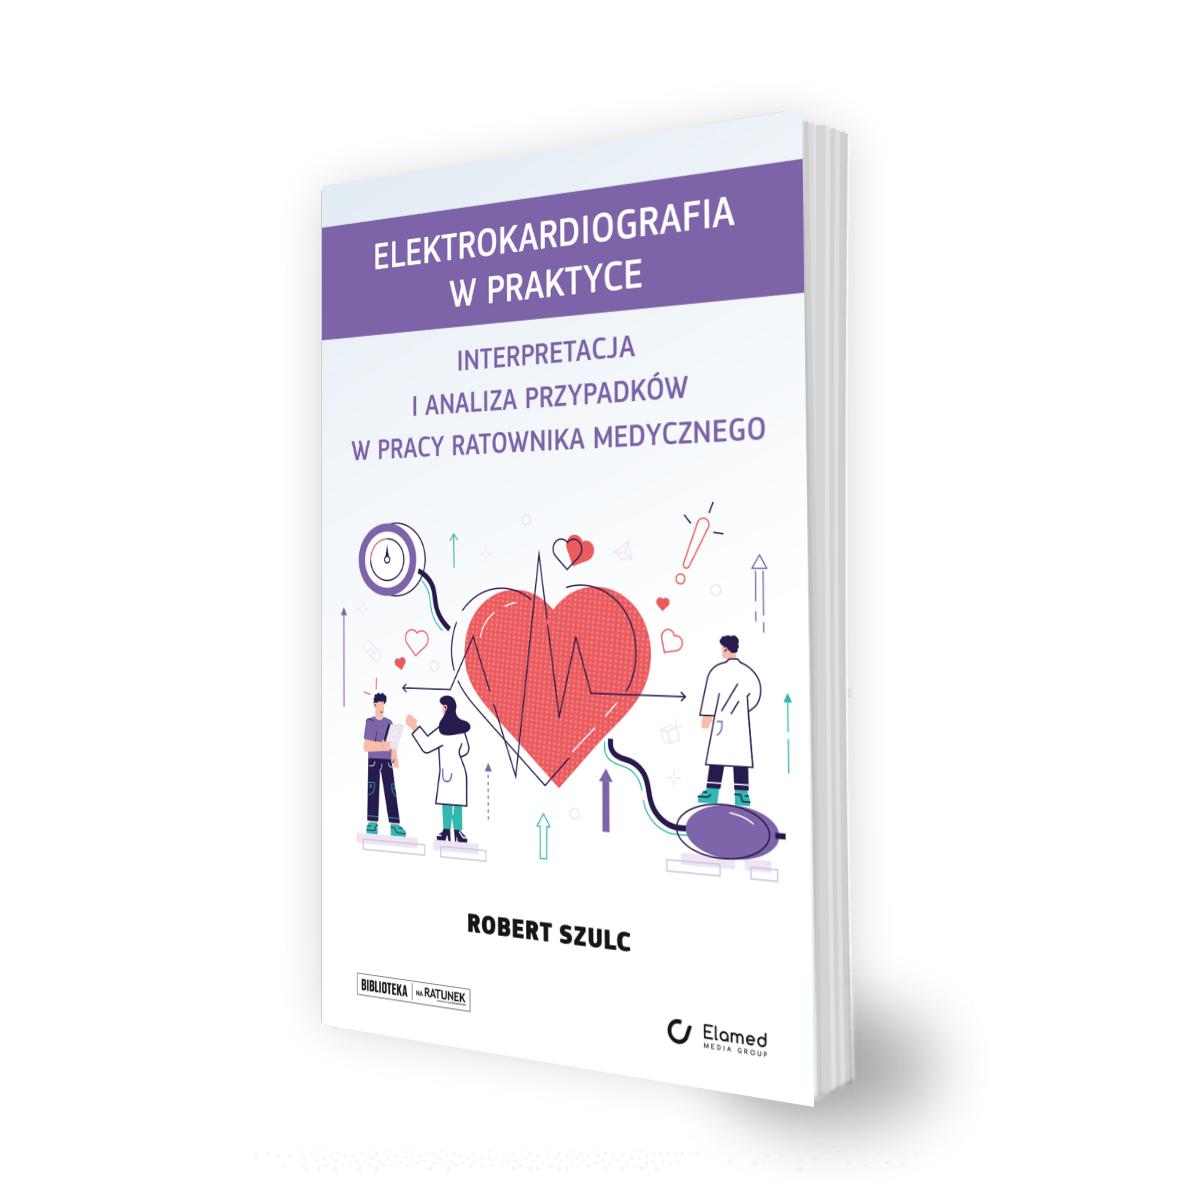 Elektrokardiografia w praktyce. Interpretacja i analiza przypadków w pracy ratownika medycznego